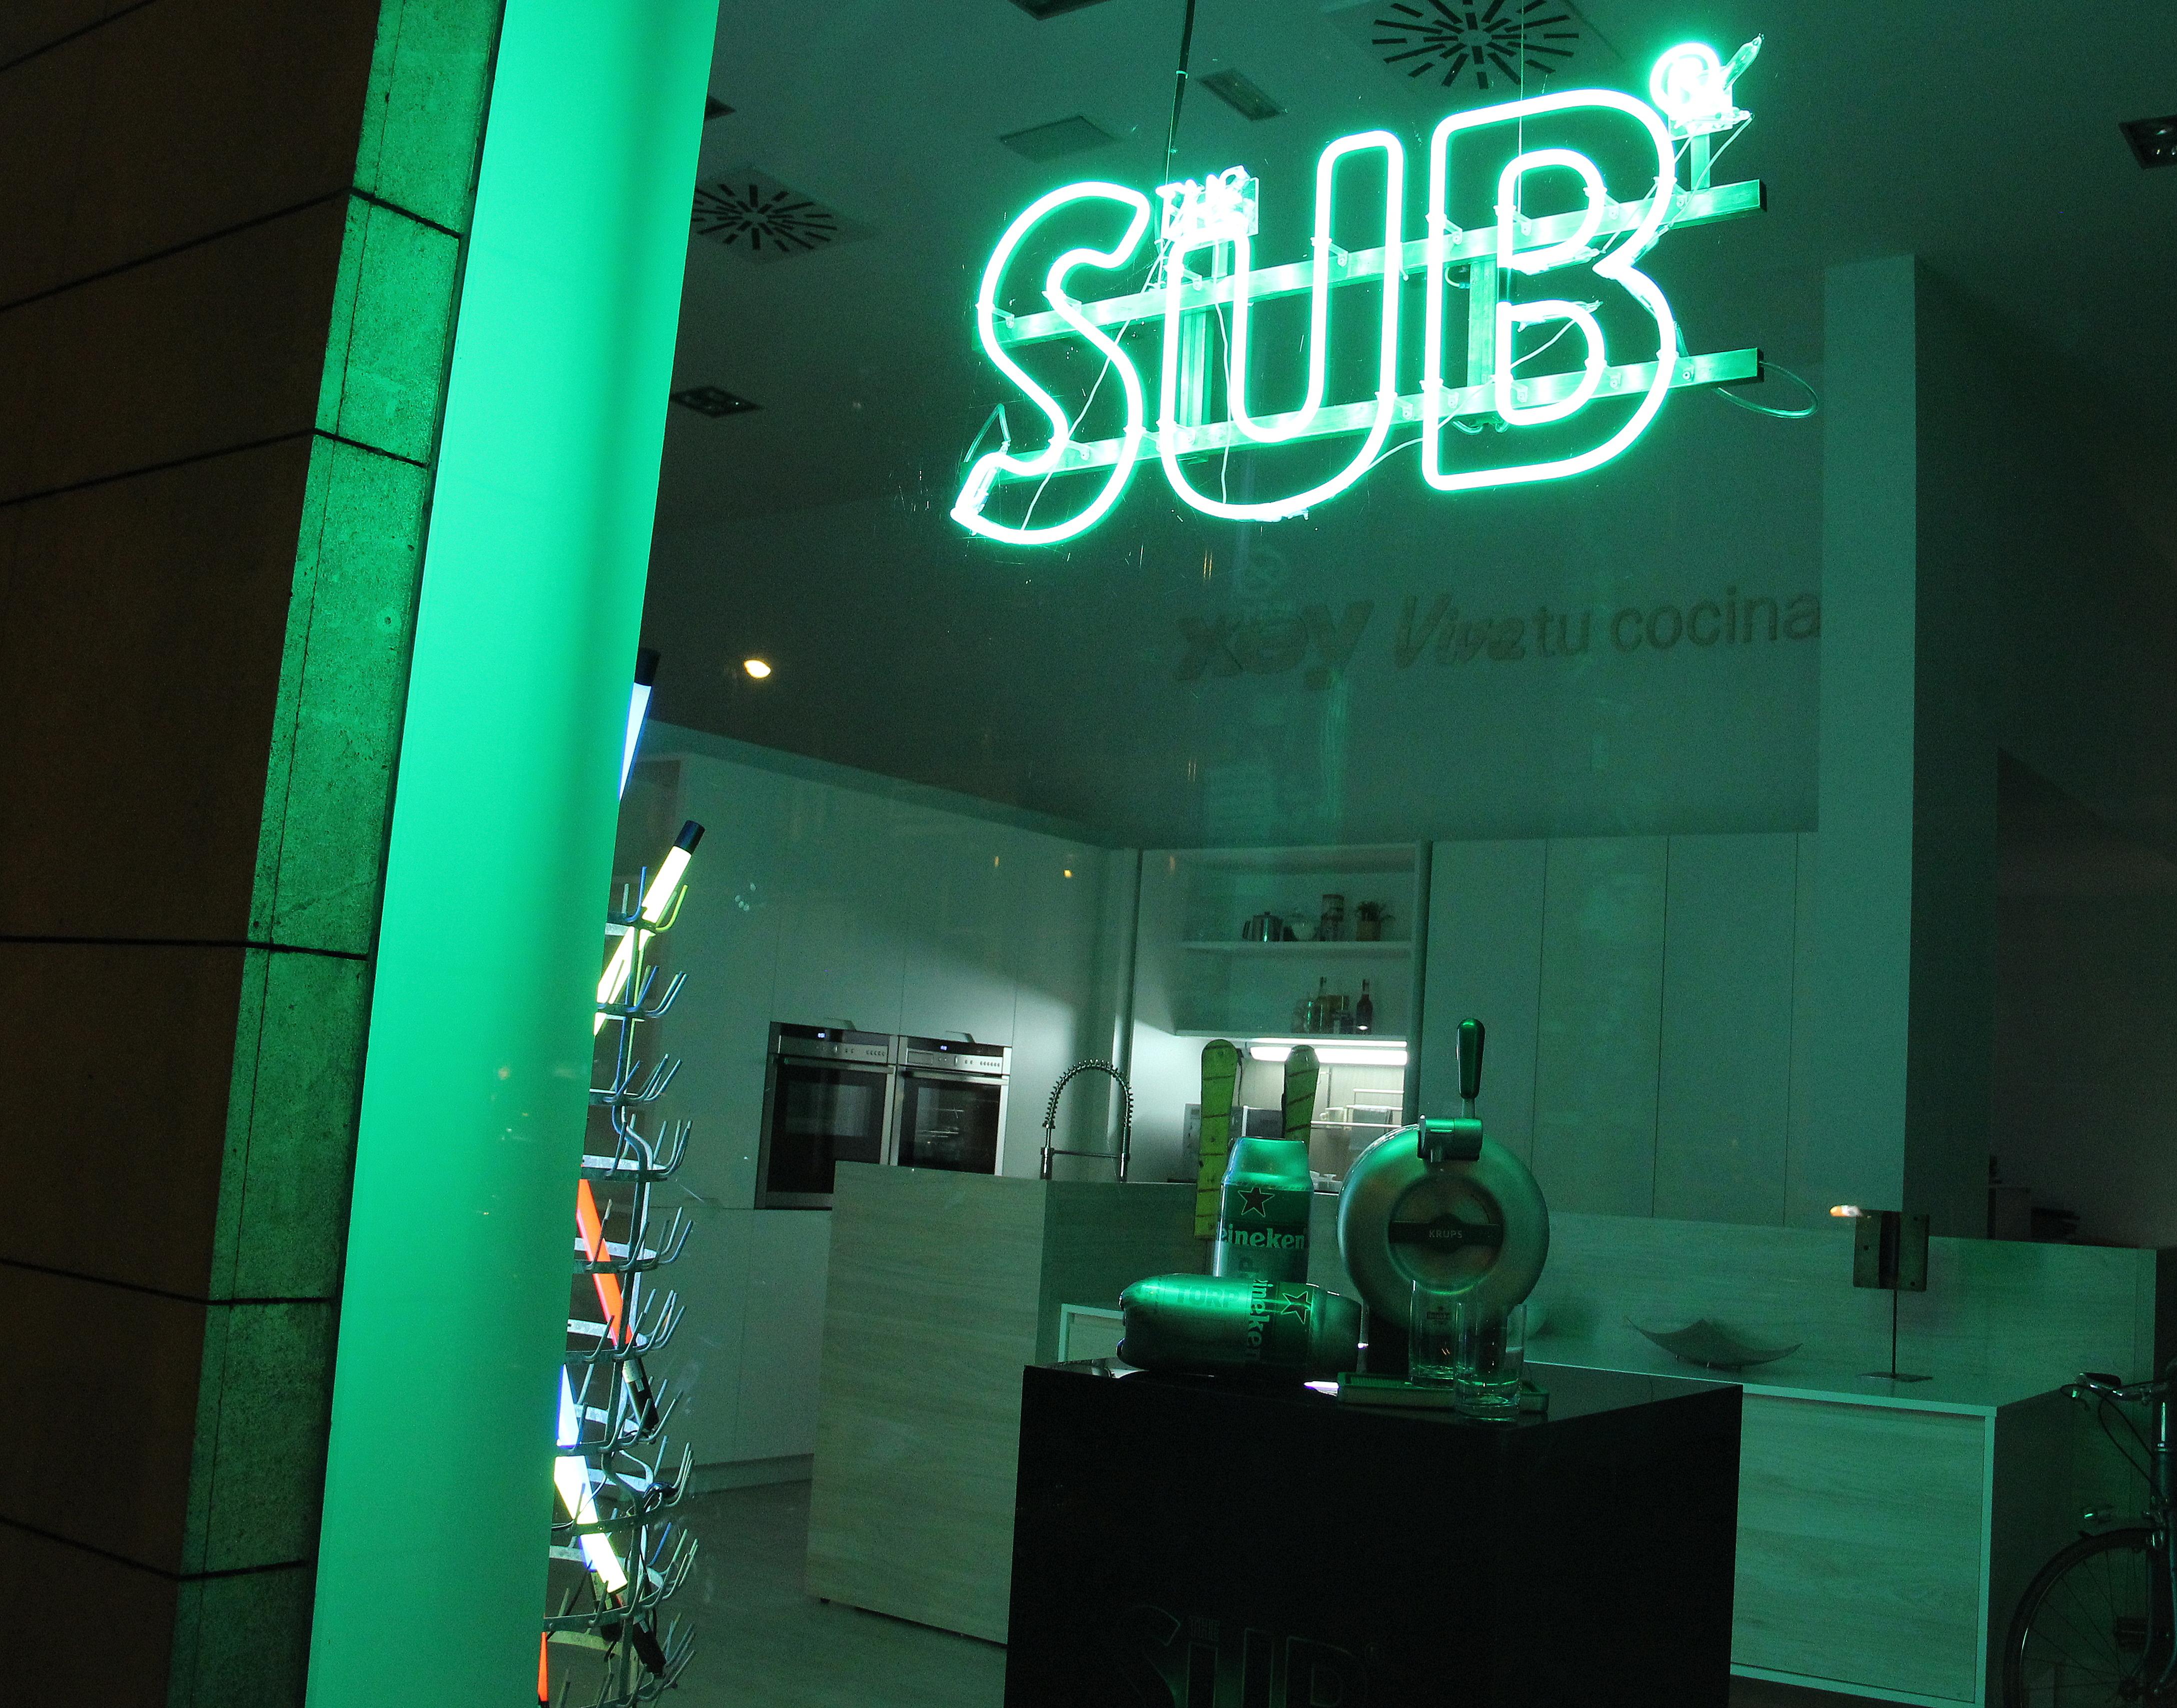 Heineken luz verde a la creatividad - Anos luz castellana ...